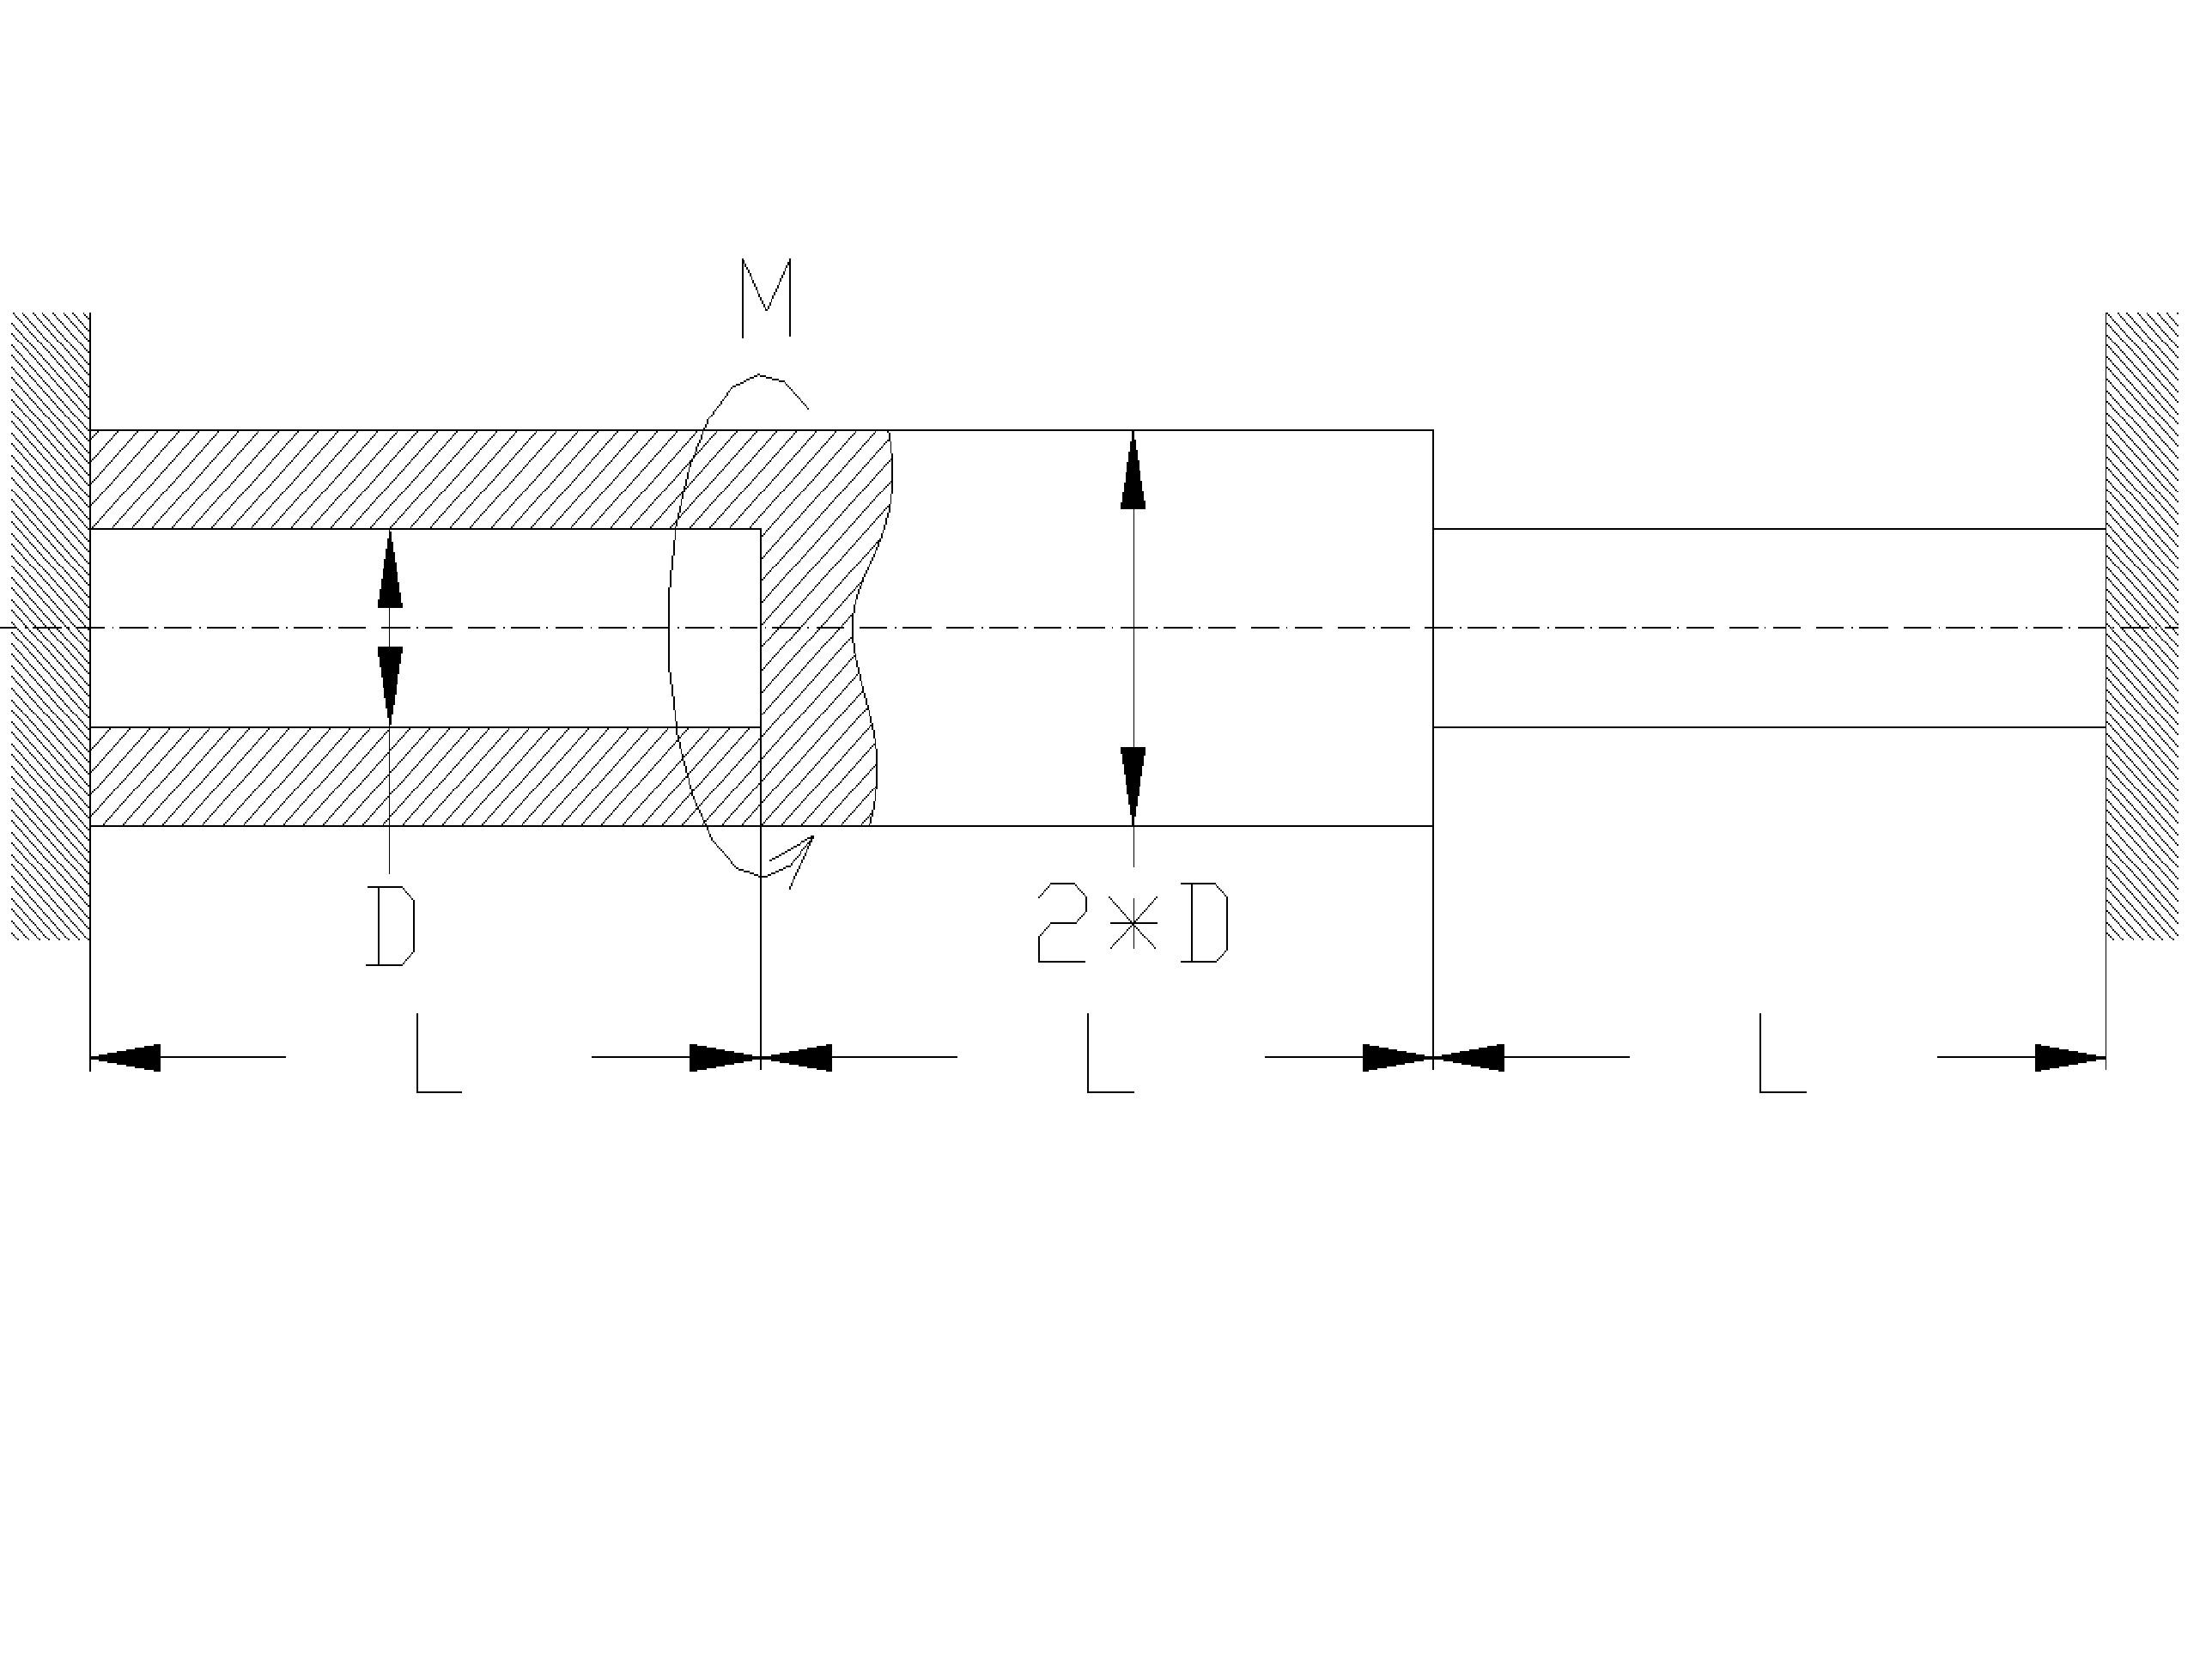 skrecanie1 - Skręcanie - wytrzymałość materiałów - zadanie 13